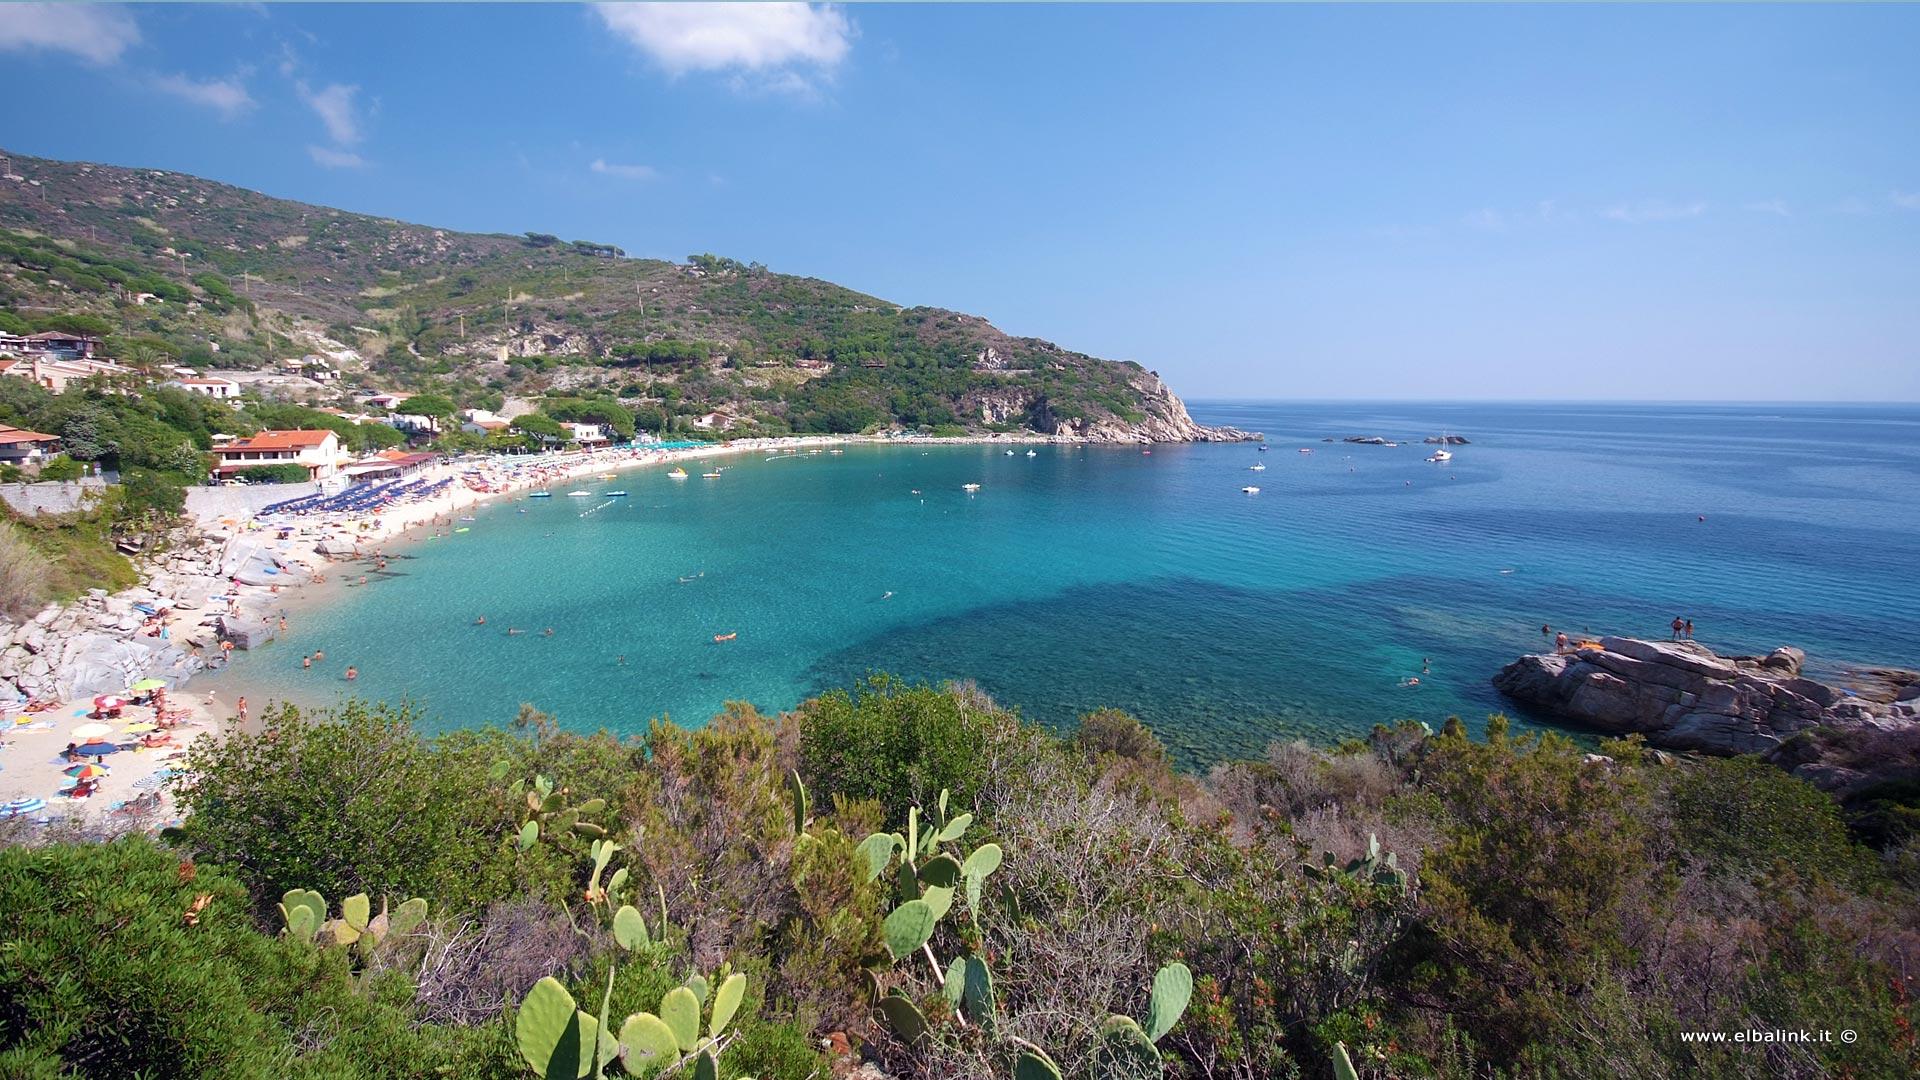 Cavoli, Isola d'Elba